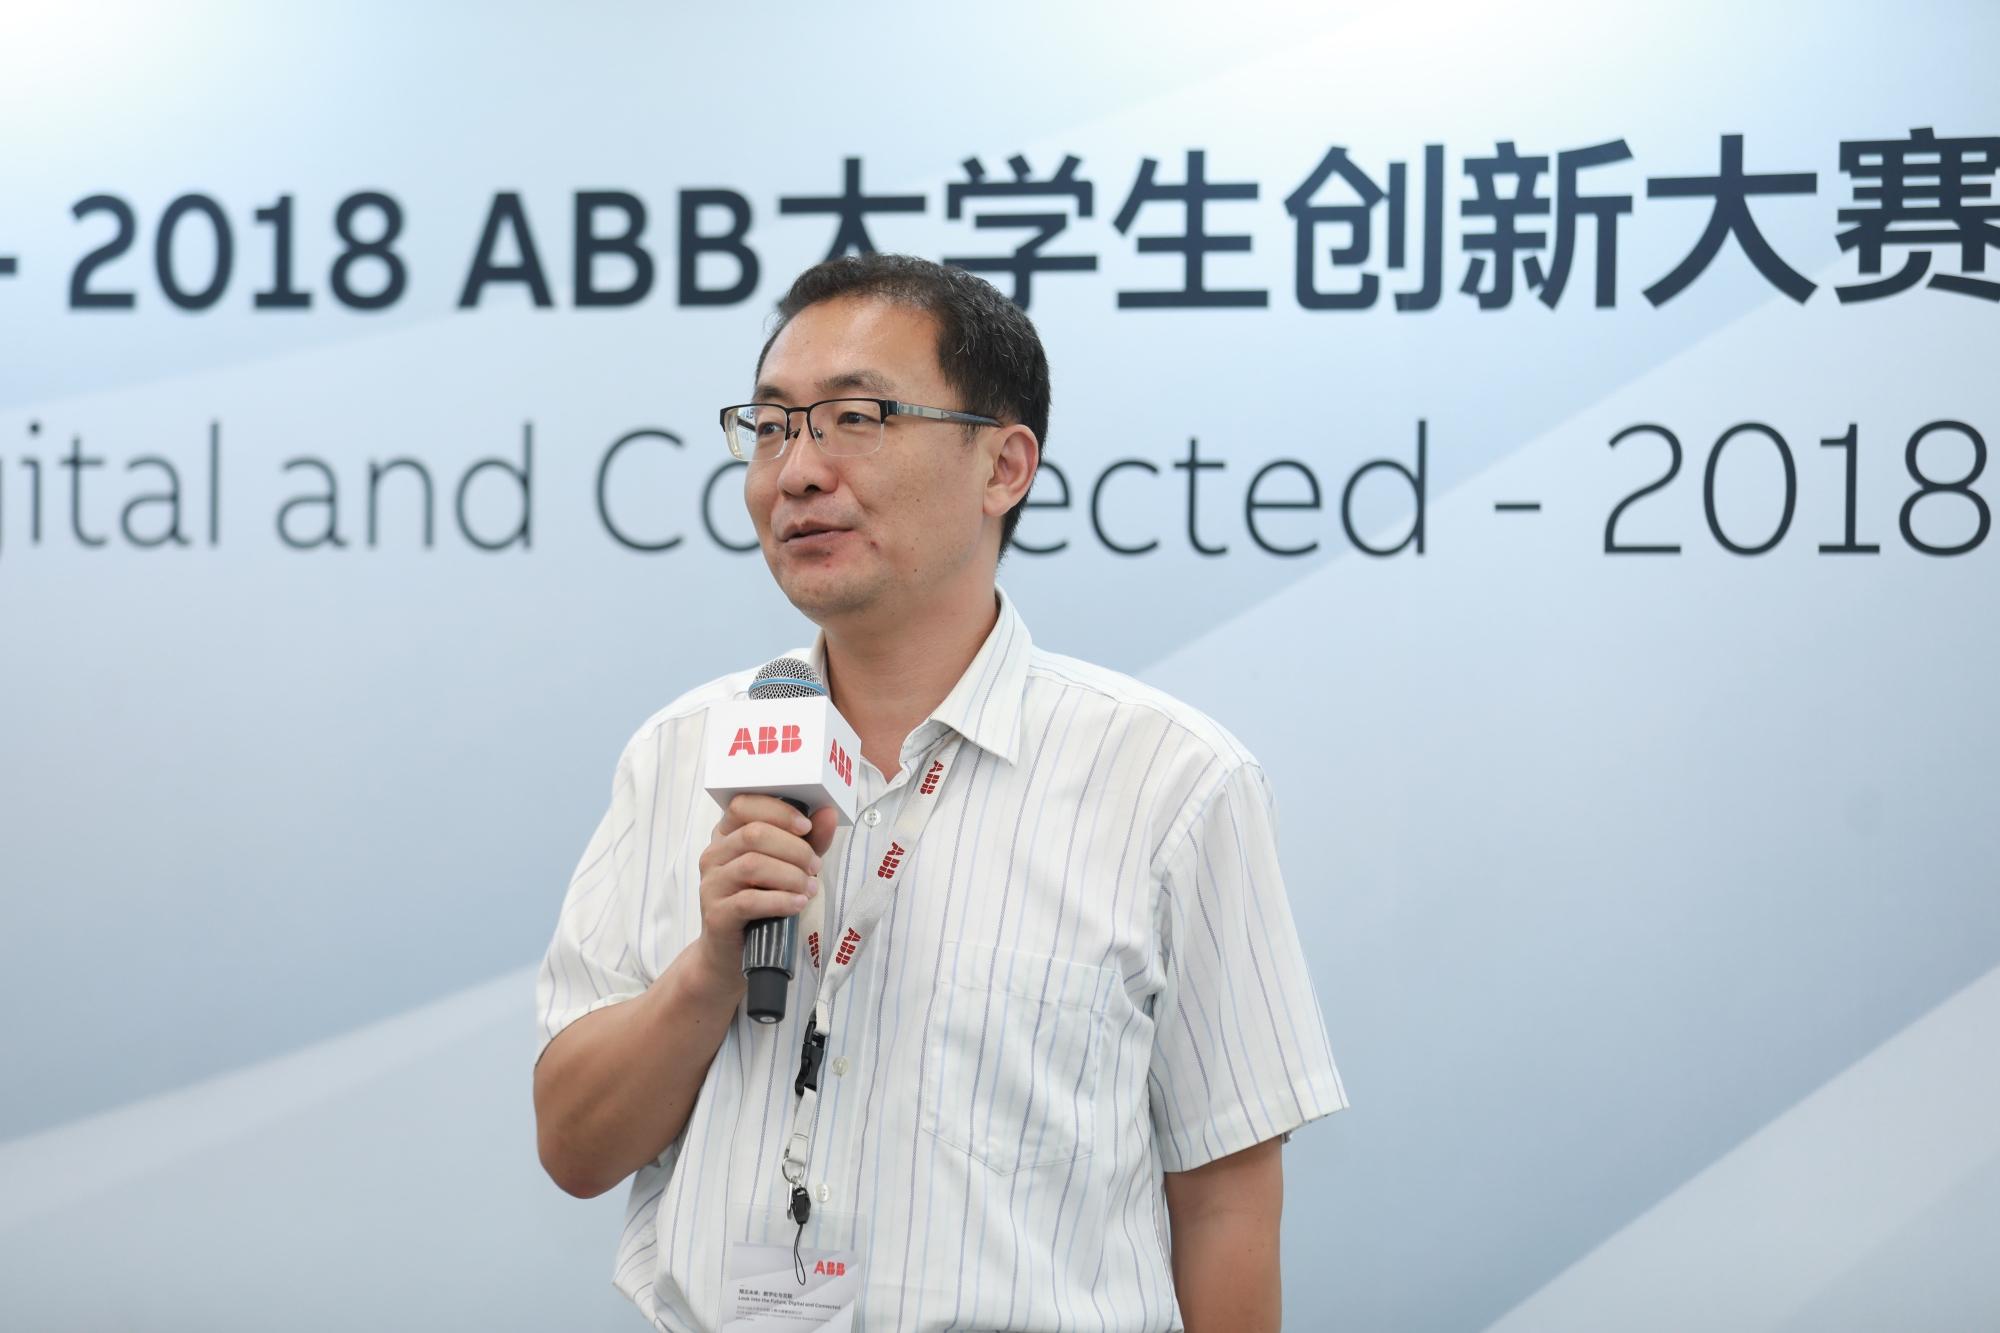 清华大学微电子研究所王���教授寄语参赛选手